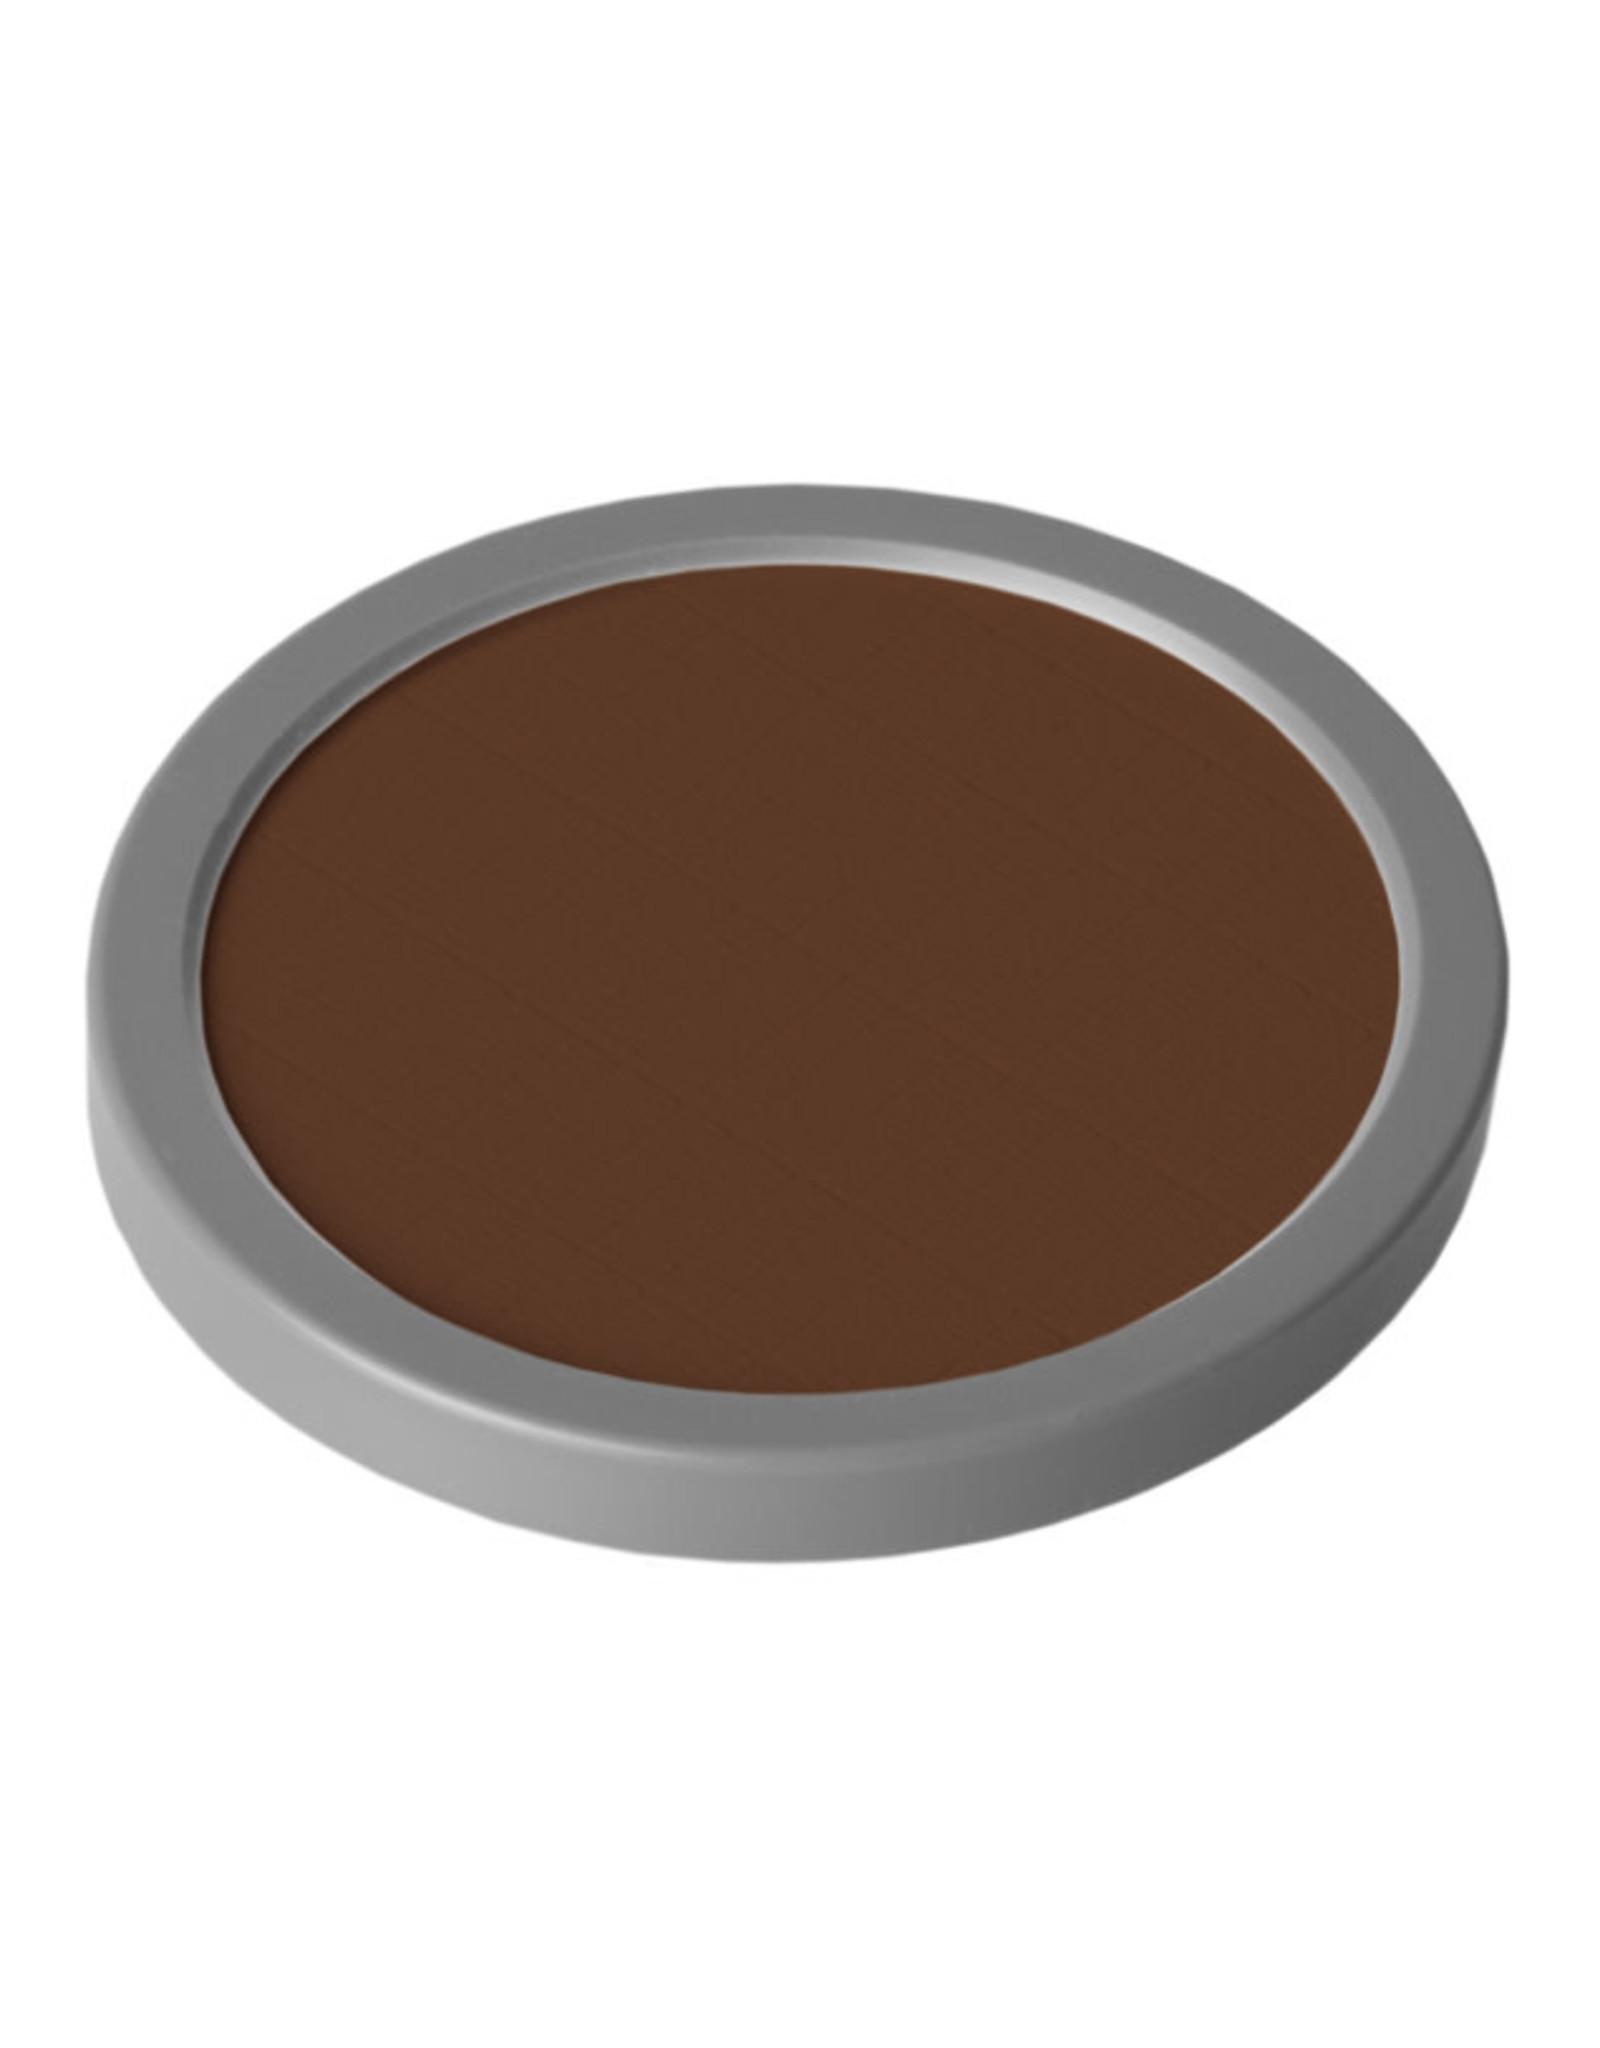 Grimas CAKE MAKE-UP D12 Voor donkere huid 35 g